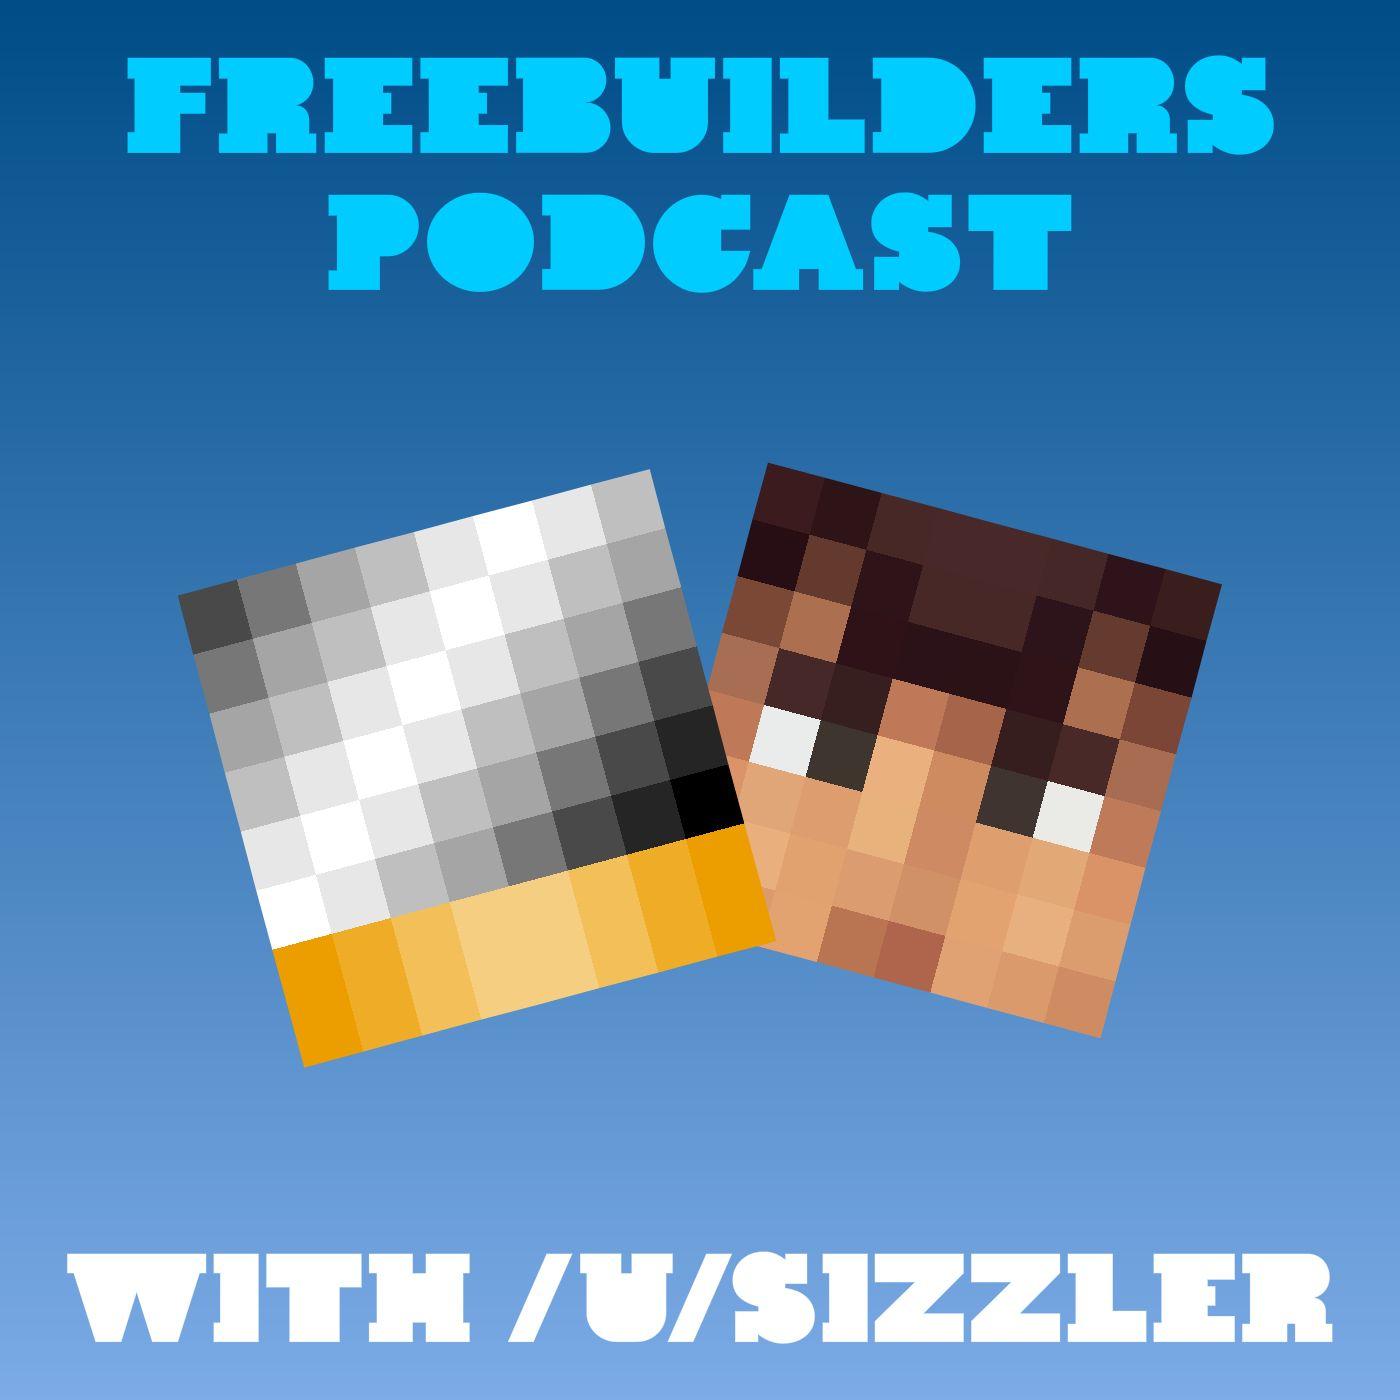 Freebuilders